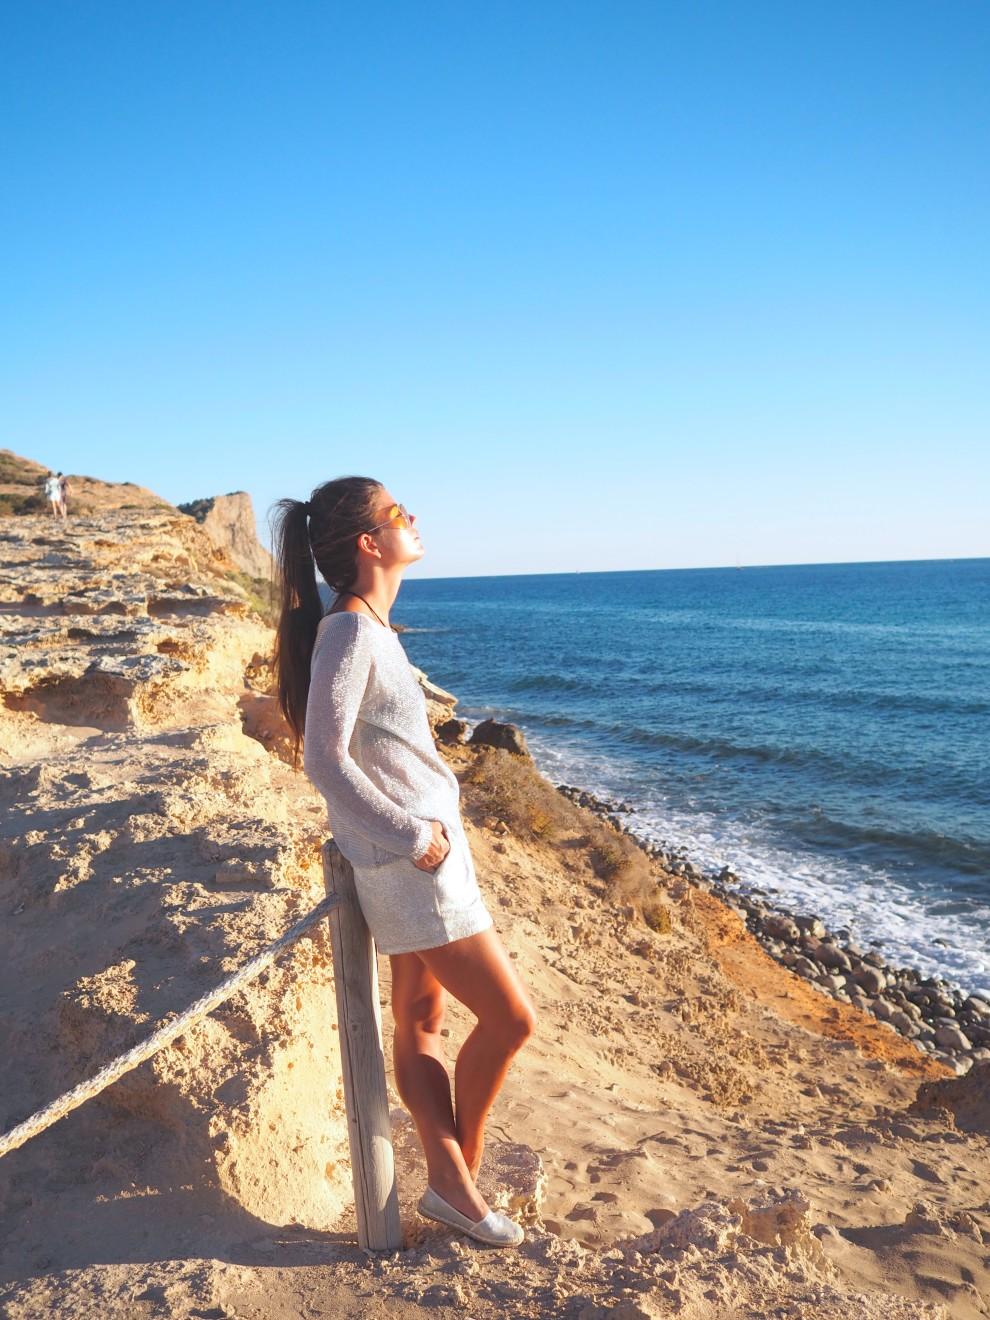 ES CAVALLET IBIZA travel